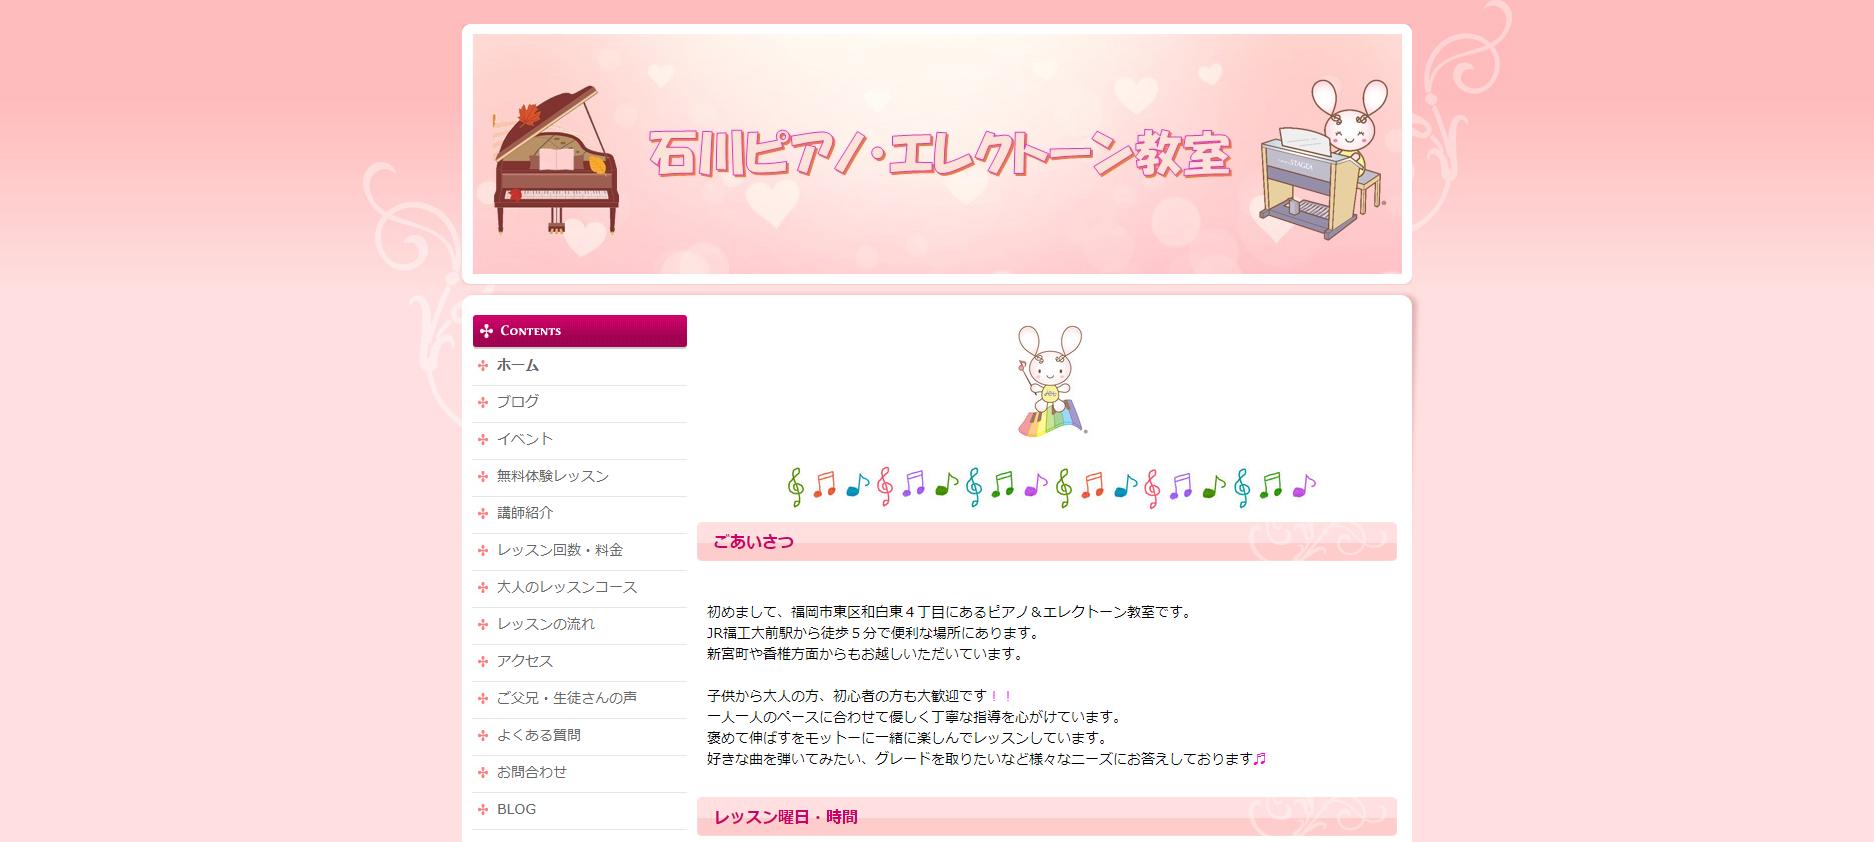 石川ピアノ・エレクトーン教室のサムネイル